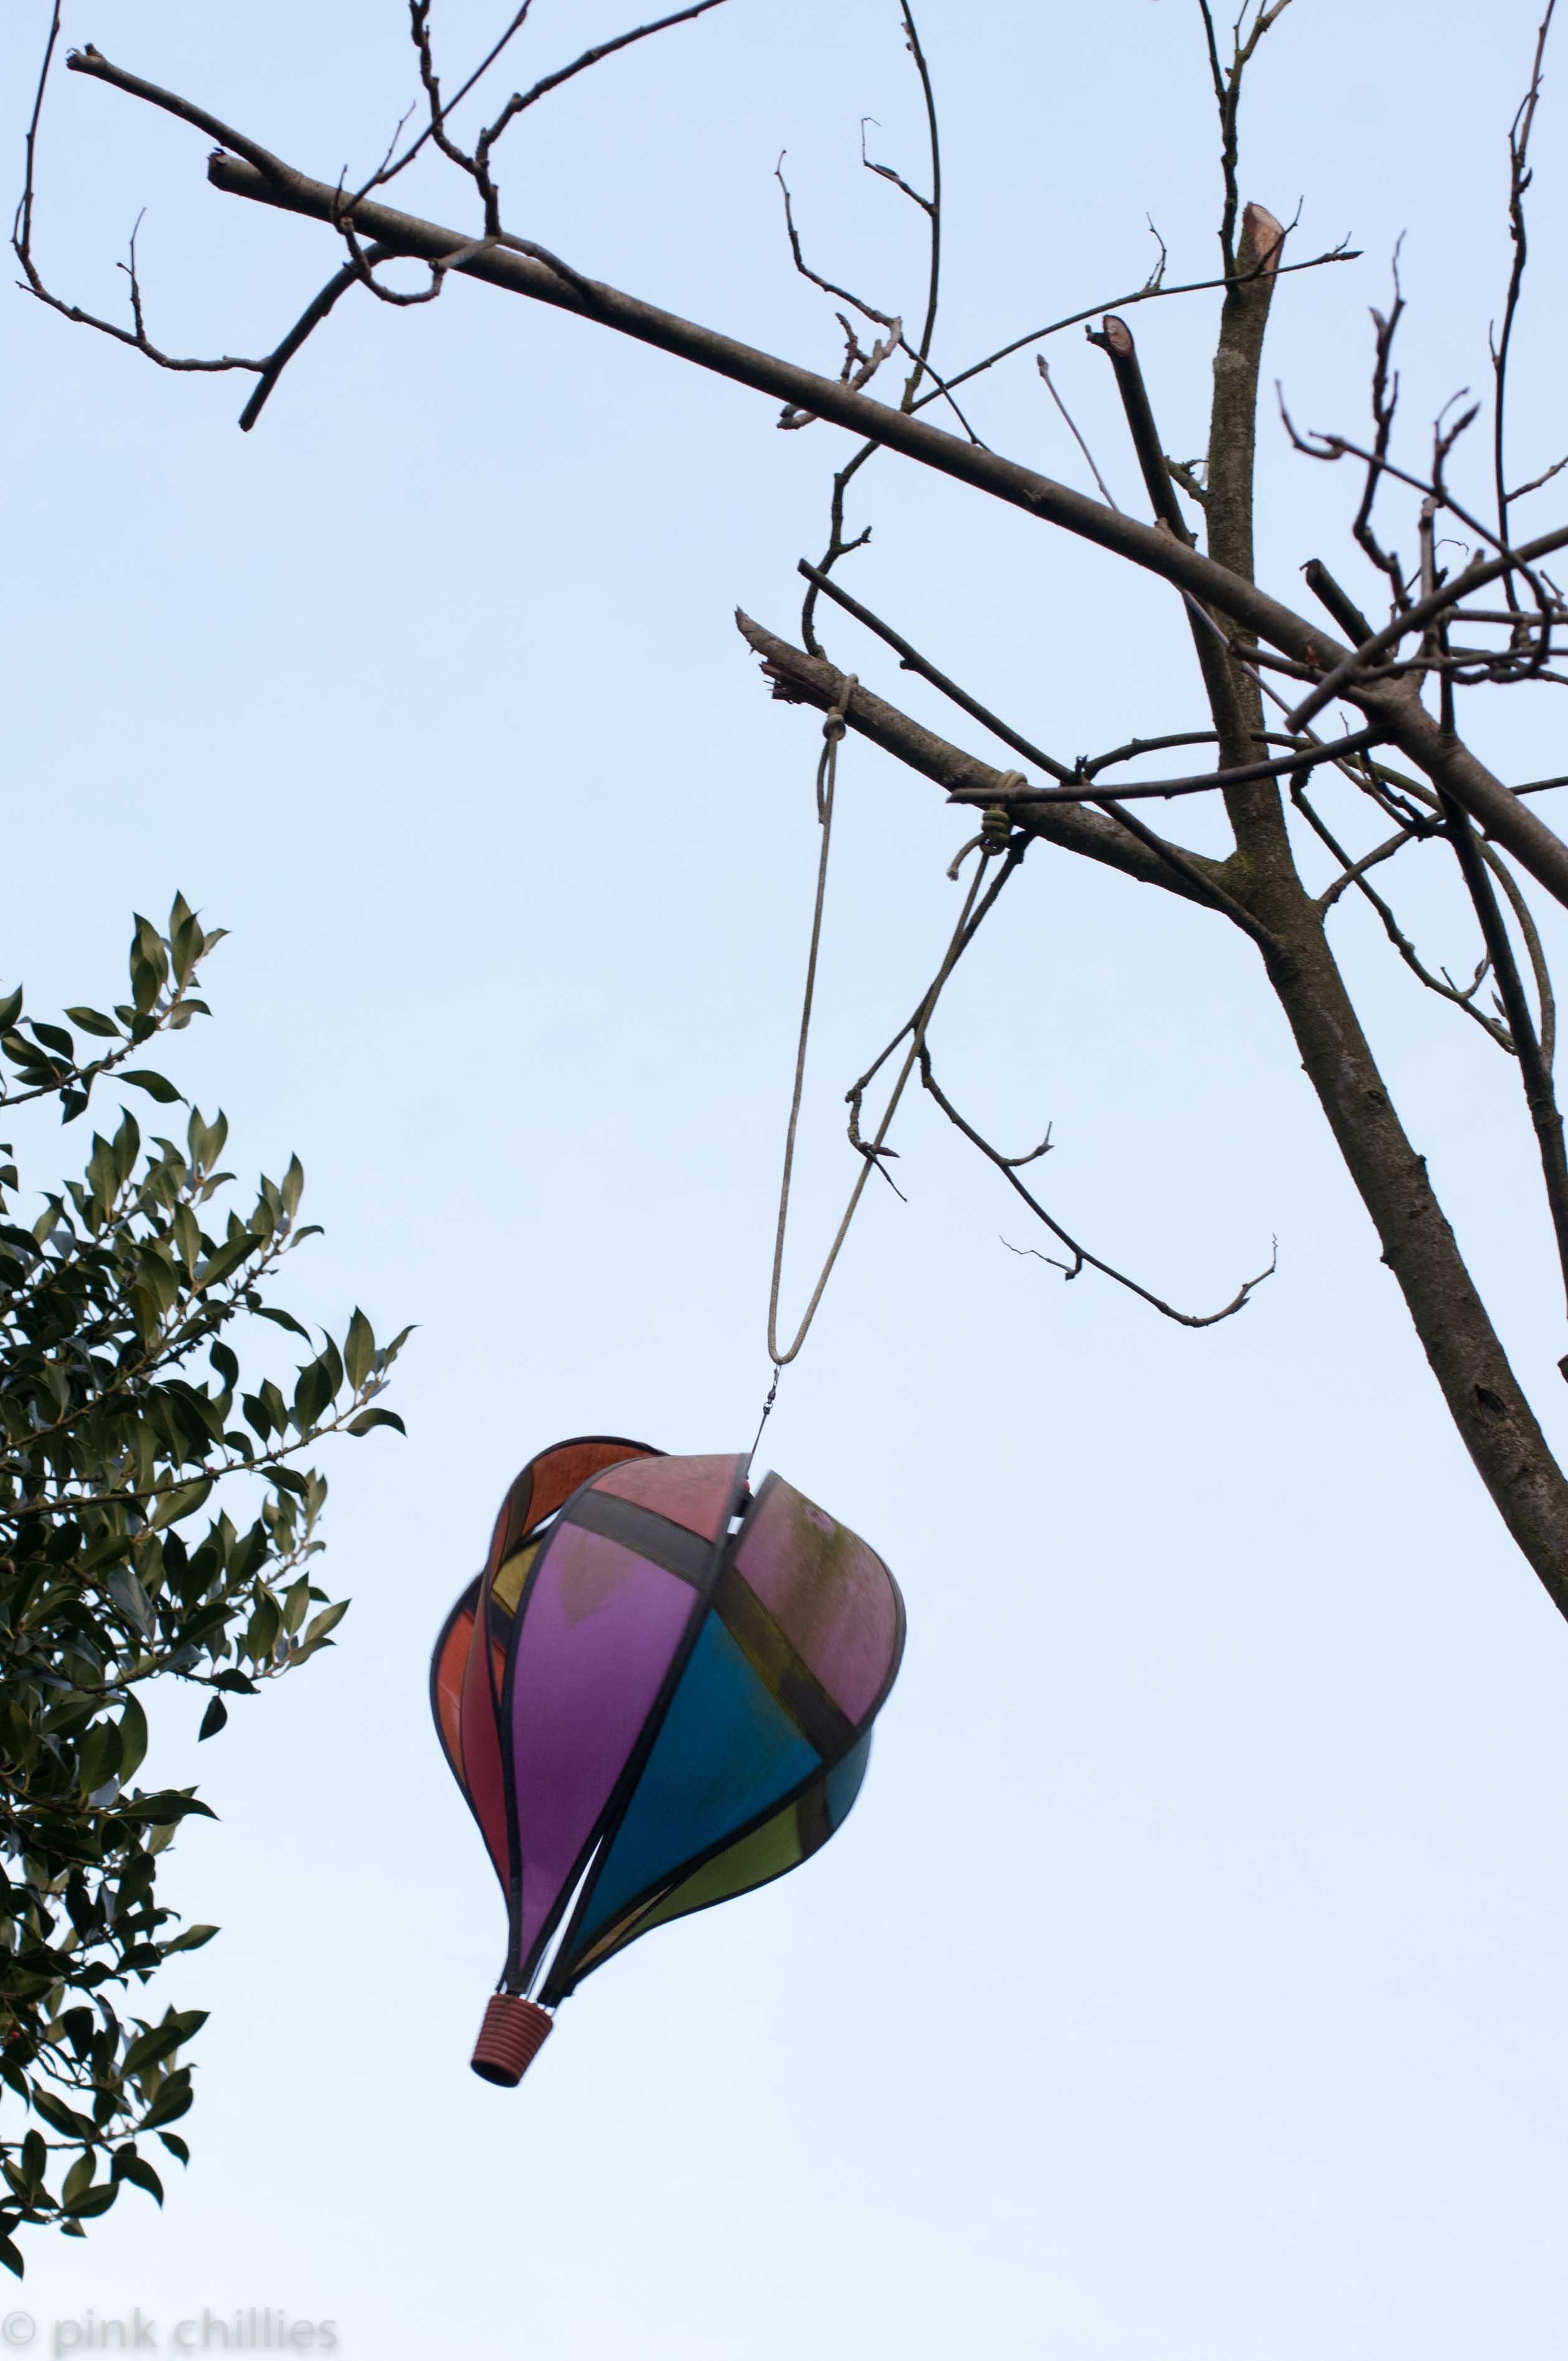 20141127-ZAJ_9620Ballon im Wind